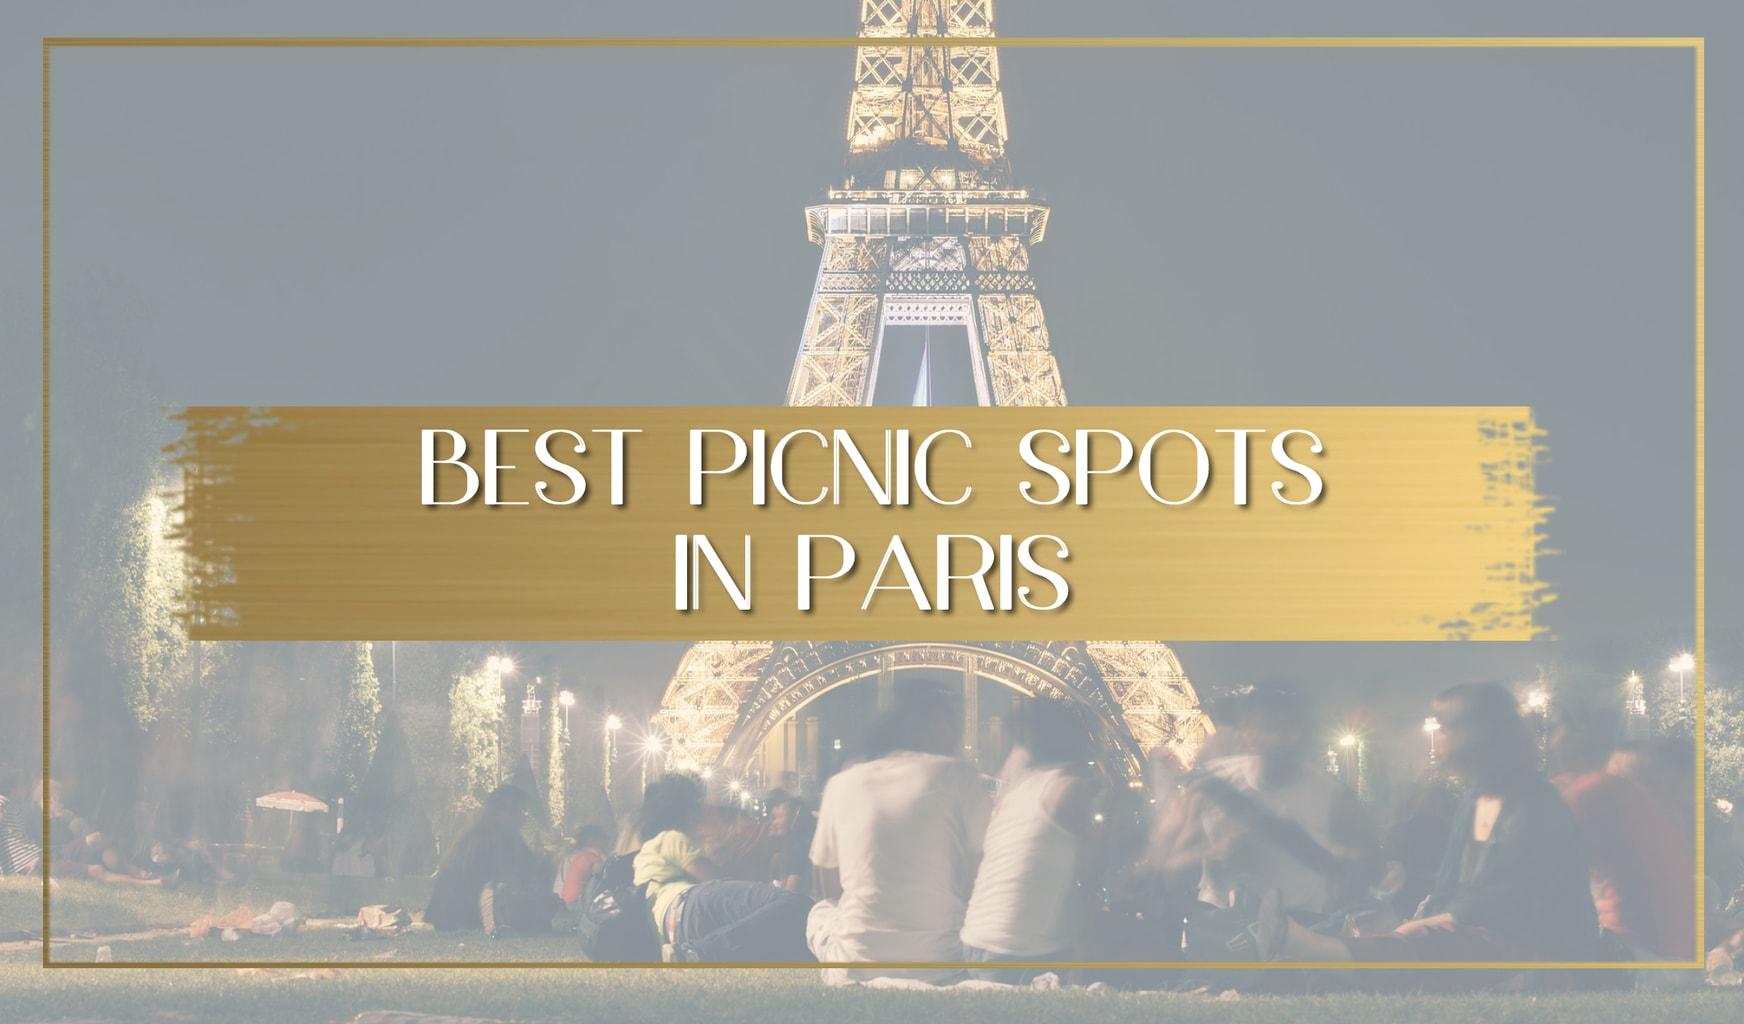 Best picnic spots in Paris main